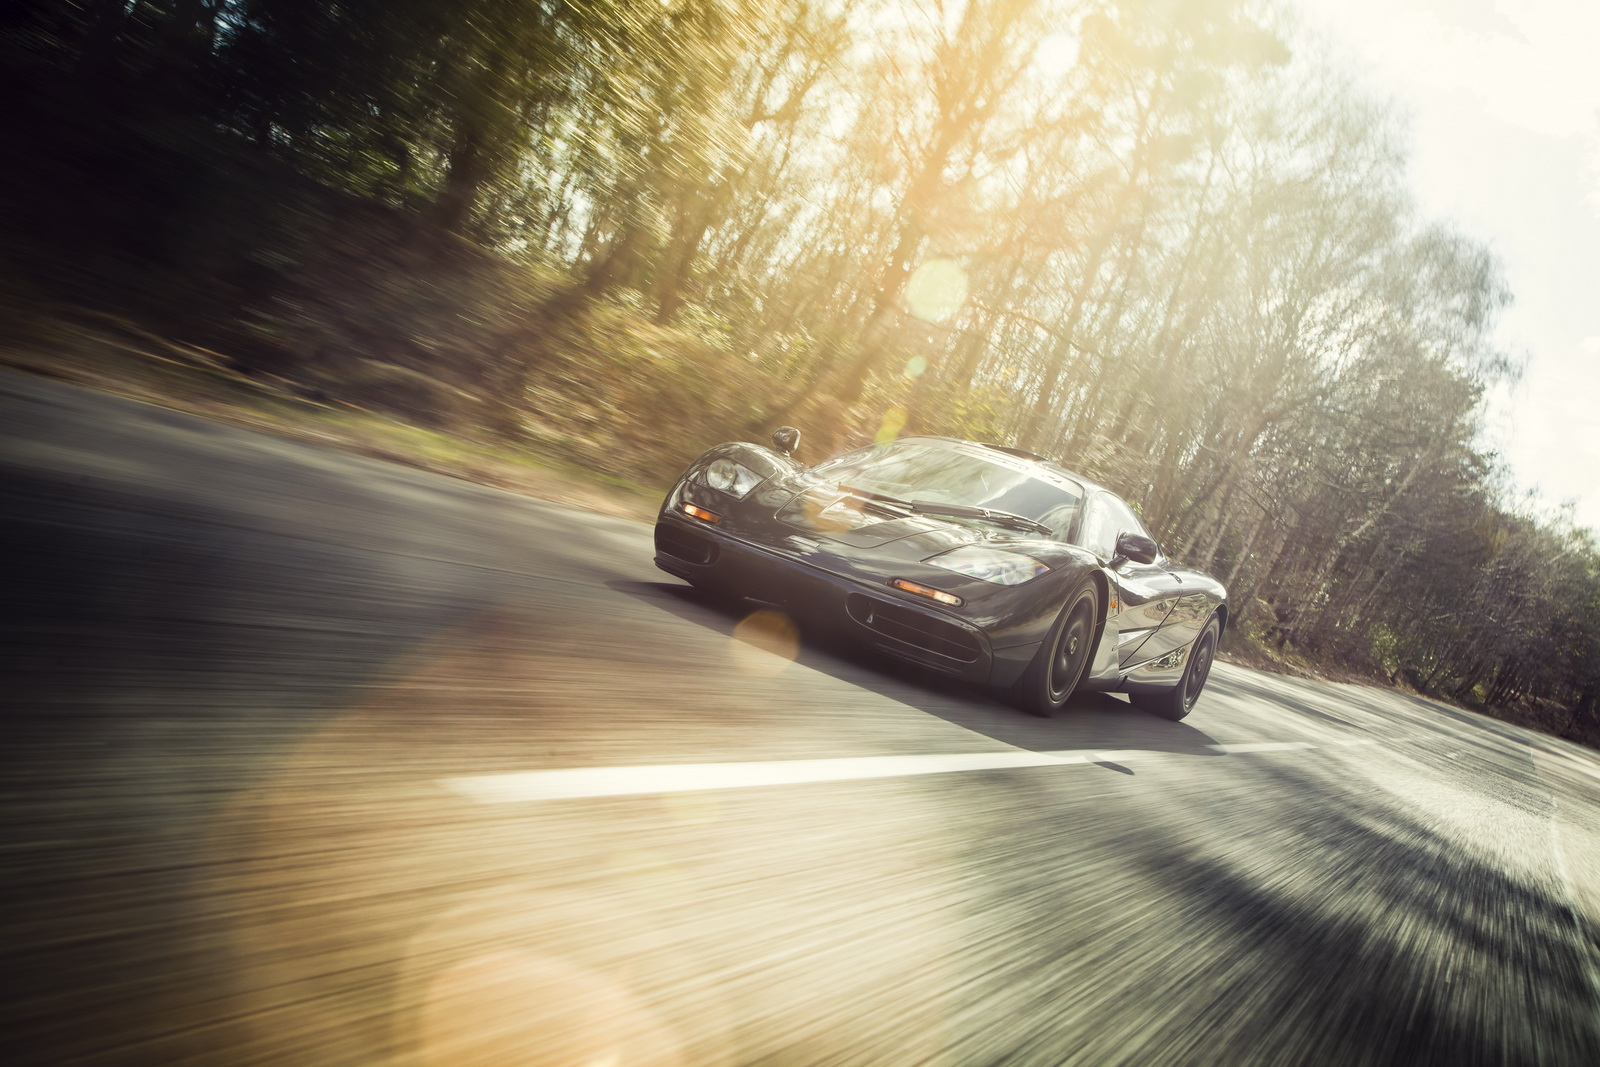 Siêu xe McLaren F1 hút khí tự nhiên nhanh nhất thế giới đang được rao bán